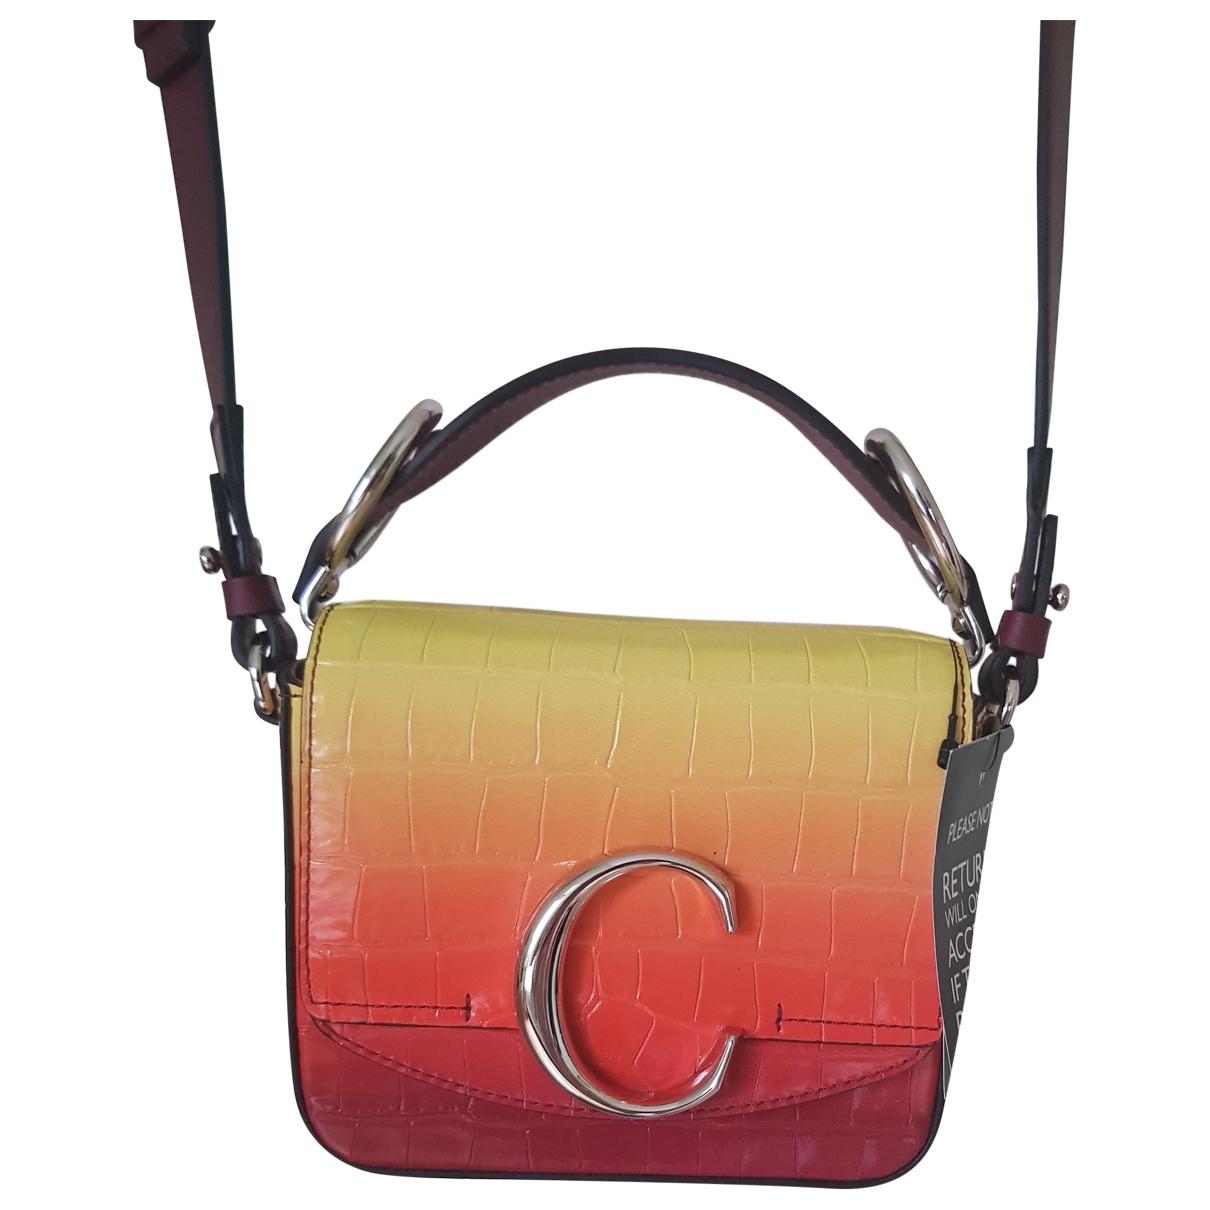 Chloe - Sac a main C pour femme en cuir - multicolore